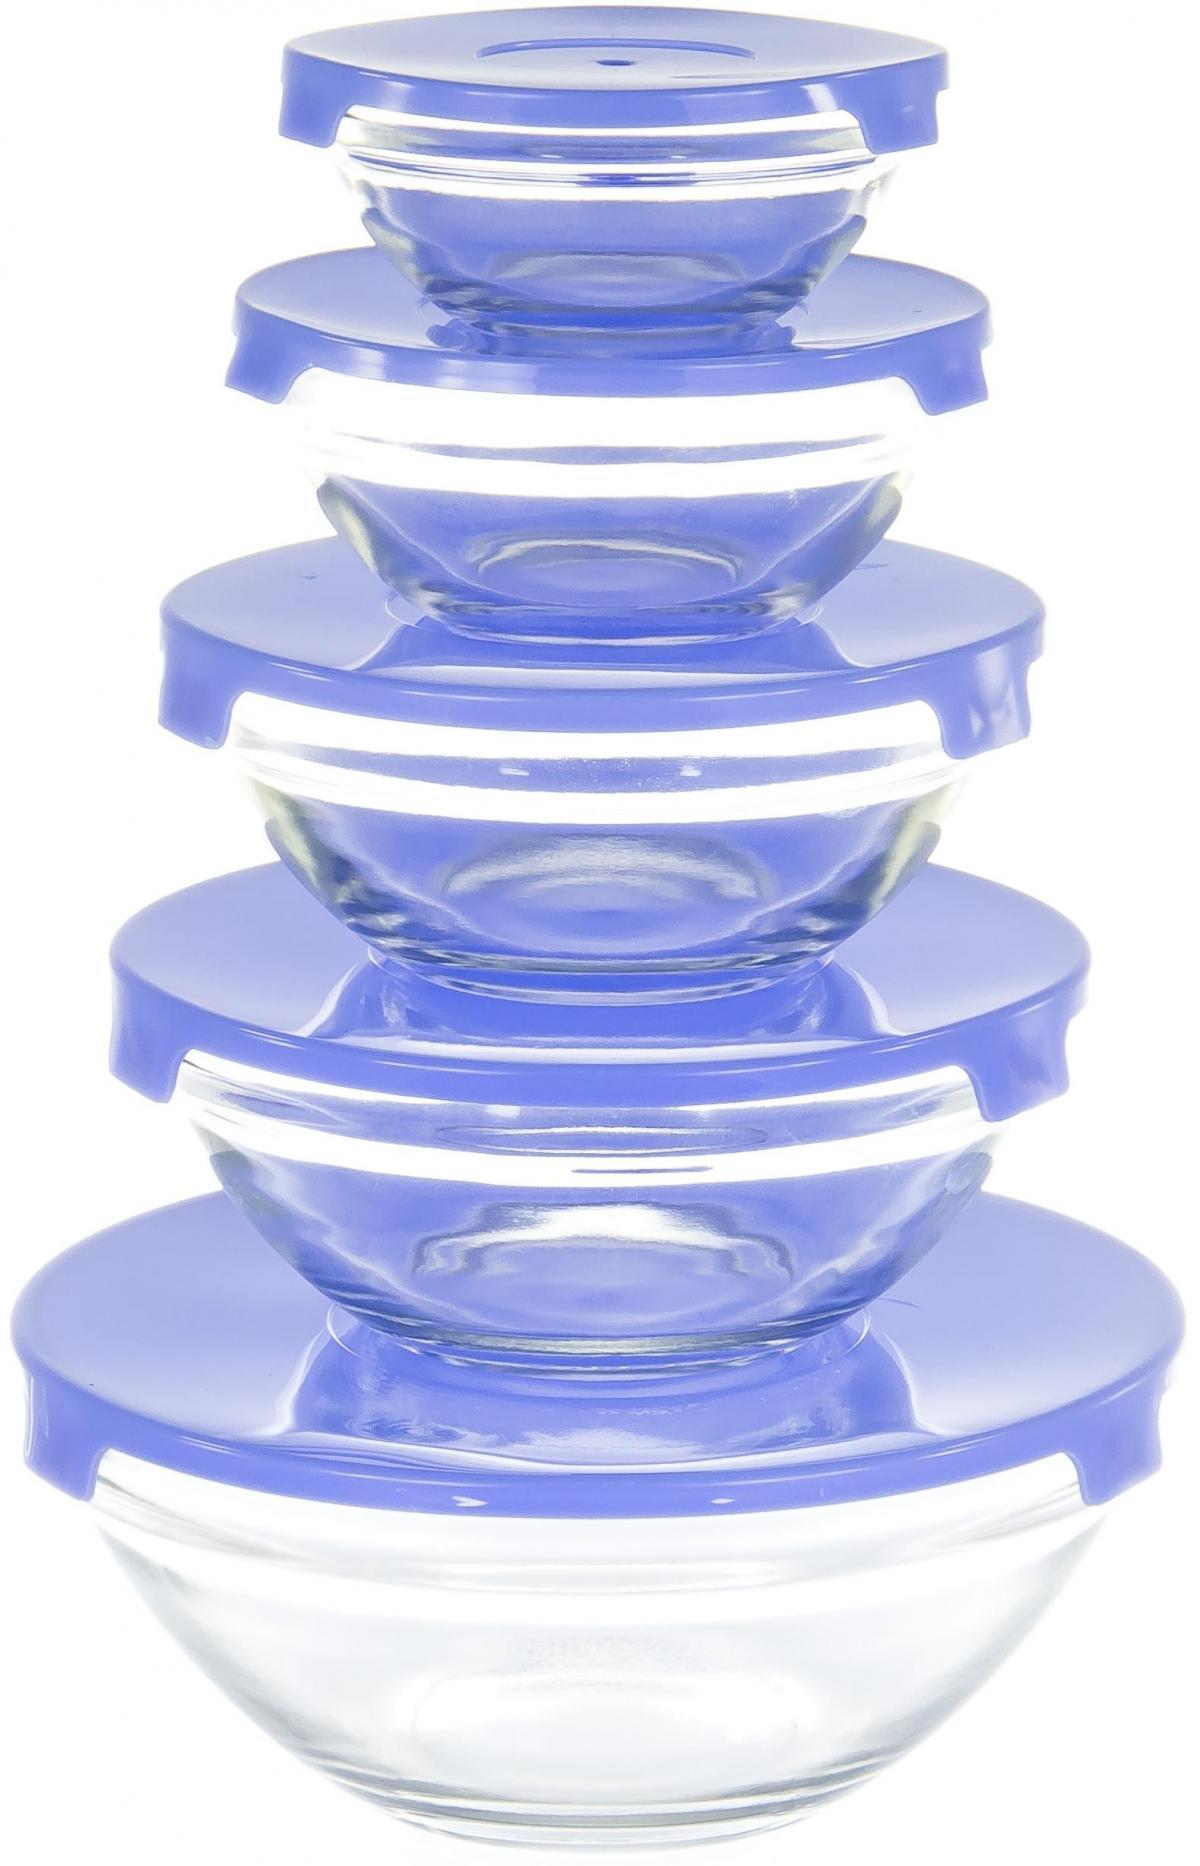 Набор салатников Olaff, с крышкой, 5 предметов. AX-5SB-BAX-5SB-Bнабор 5 салатников d-100мм, 103мм, 125мм, 140мм, 170мм с пластик.крышками, подарочная упаковка